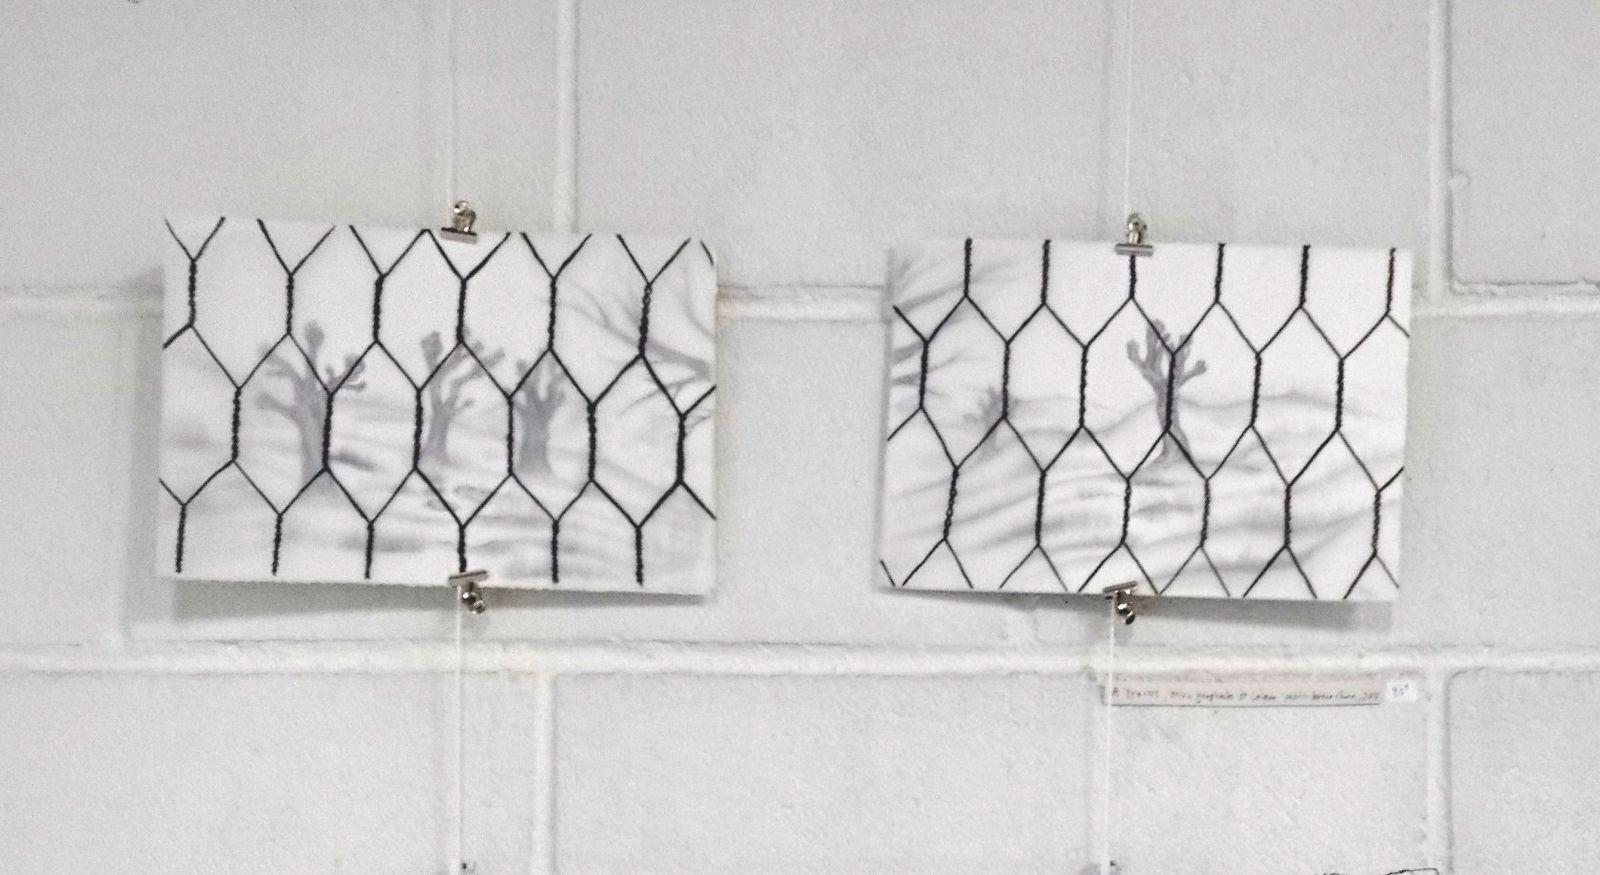 Enclosure, mine graphite sur papier et encre de chine sur calque, 20x75 cm, 2018